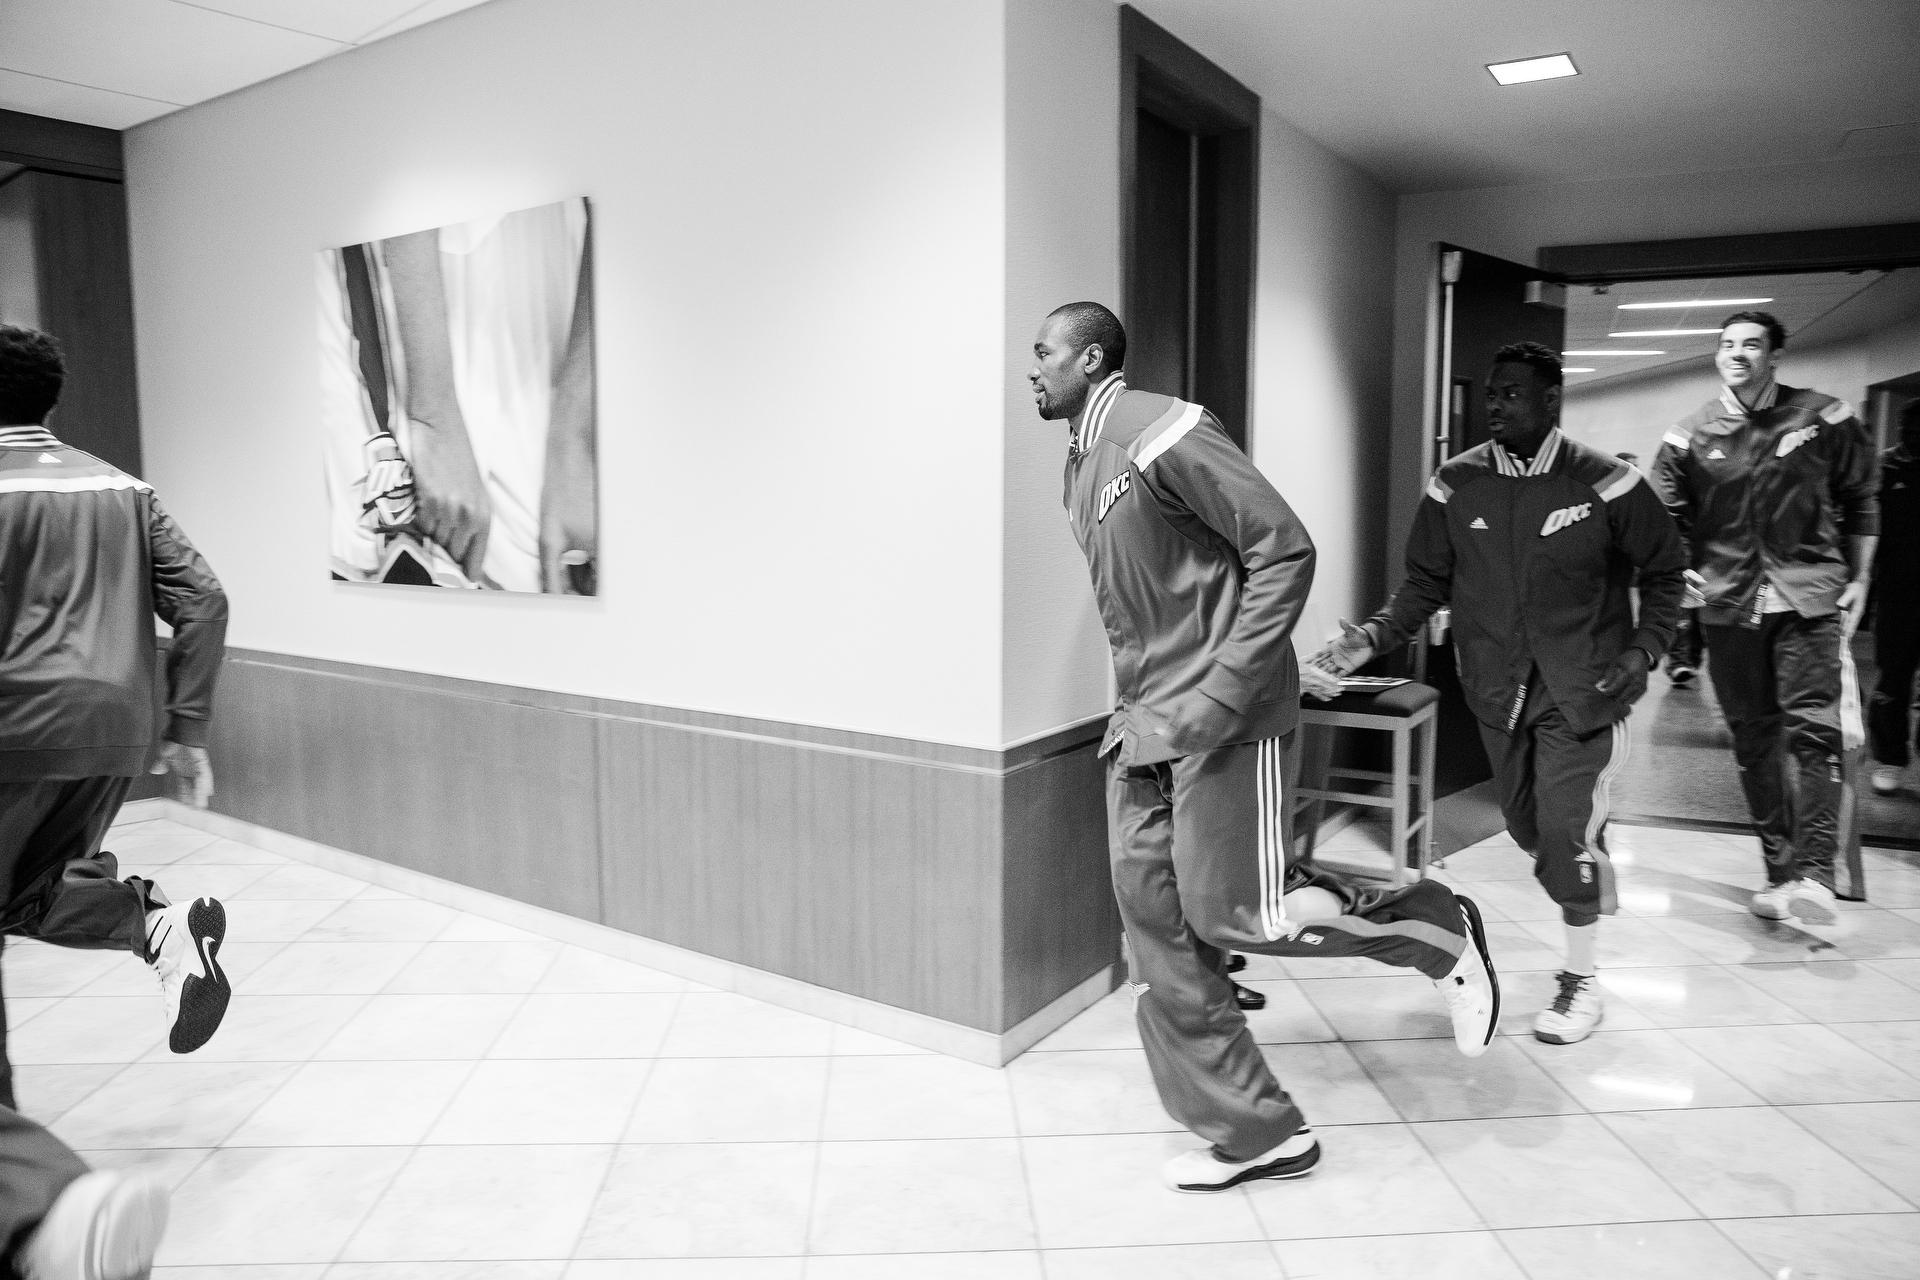 Serge Ibaka of the Oklahoma City Thunder, on January 8, 2015, in Oklahoma City, OK. (Photo by Jed Jacobsohn/The Players Tribune)